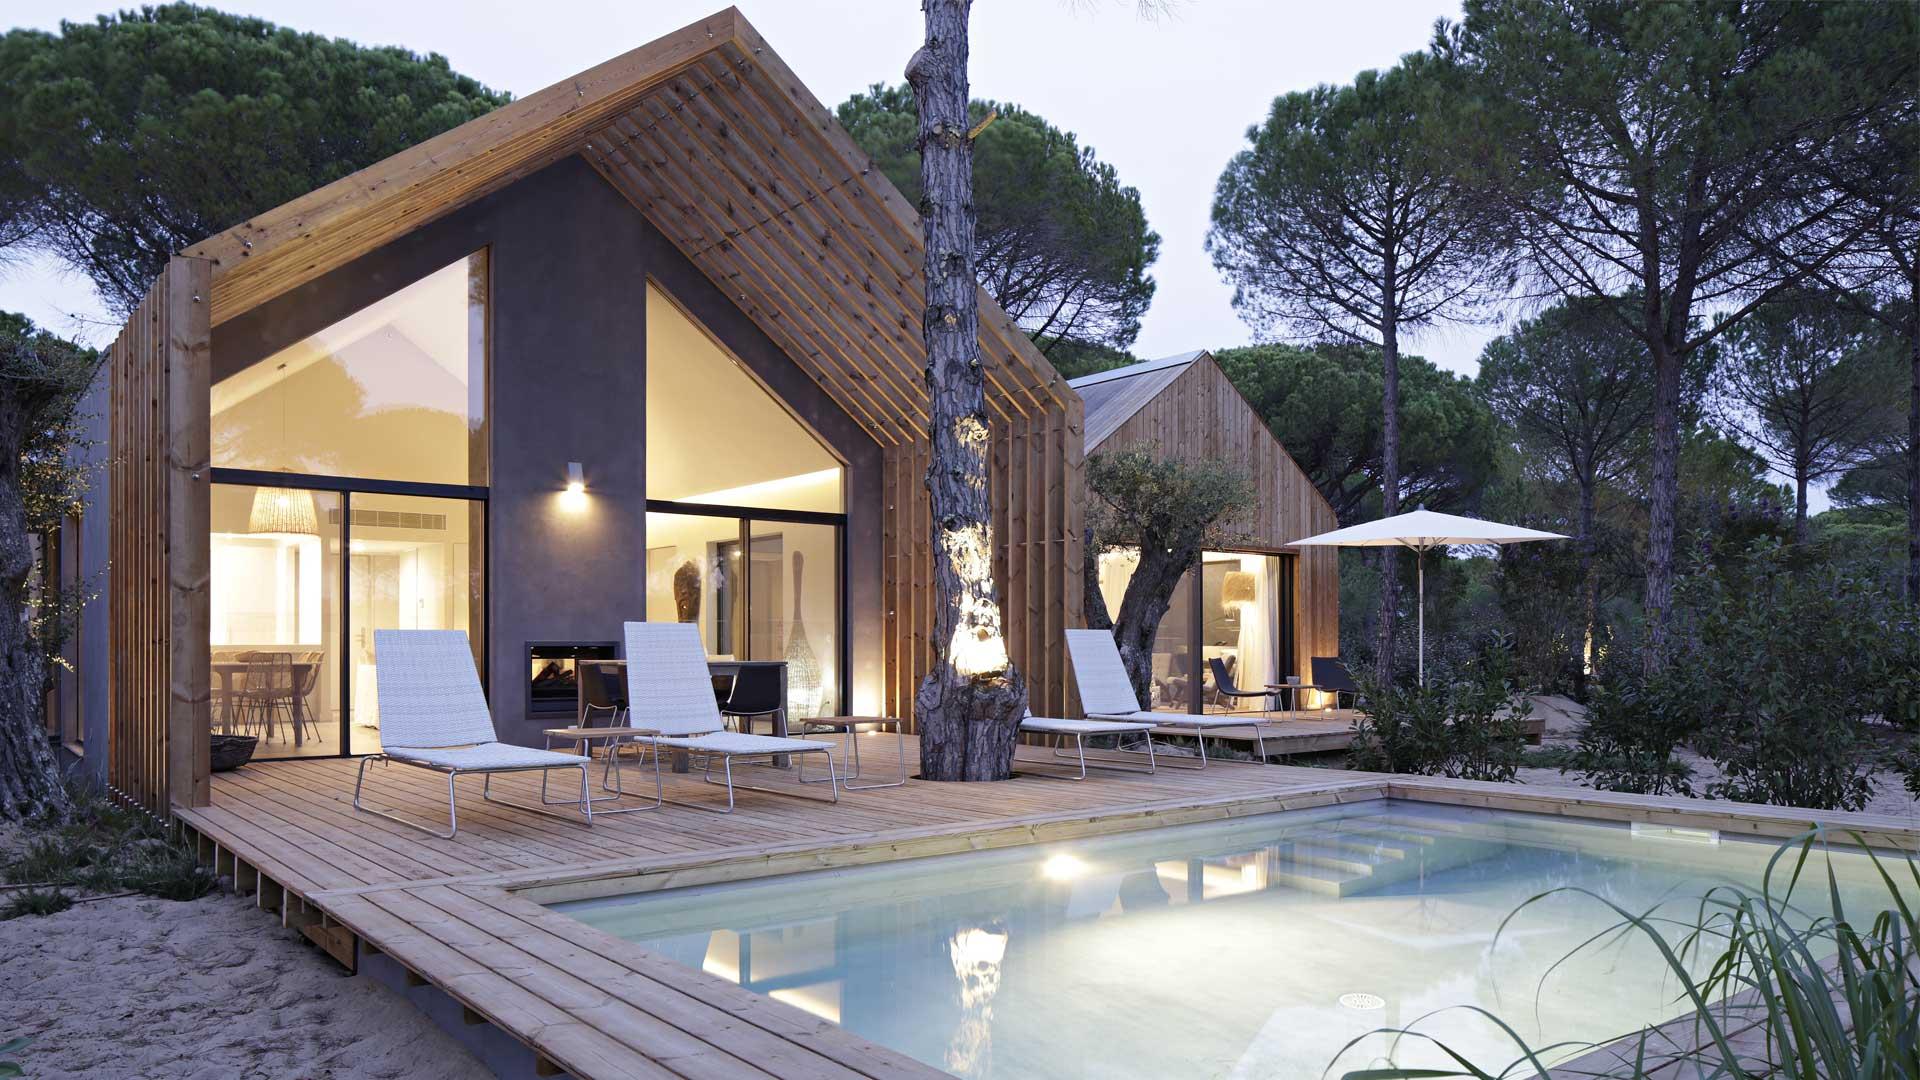 location maison portugal longue dure libre partir de octobre appartement de chambres avec. Black Bedroom Furniture Sets. Home Design Ideas